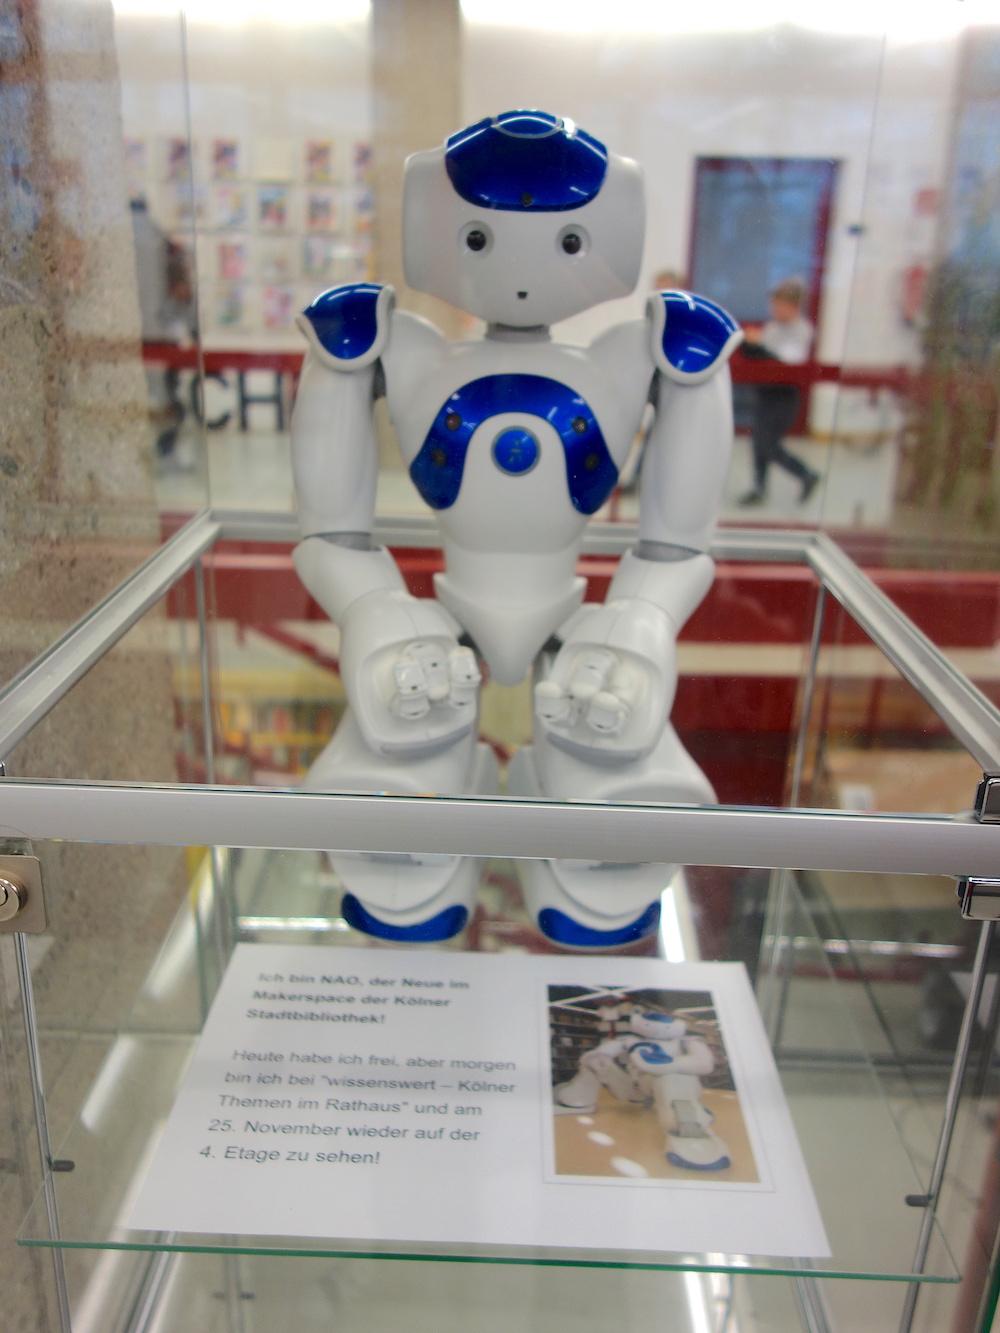 Der Nao-Roboter gehört zum Inventar der Kölner Stadtbibliothek.